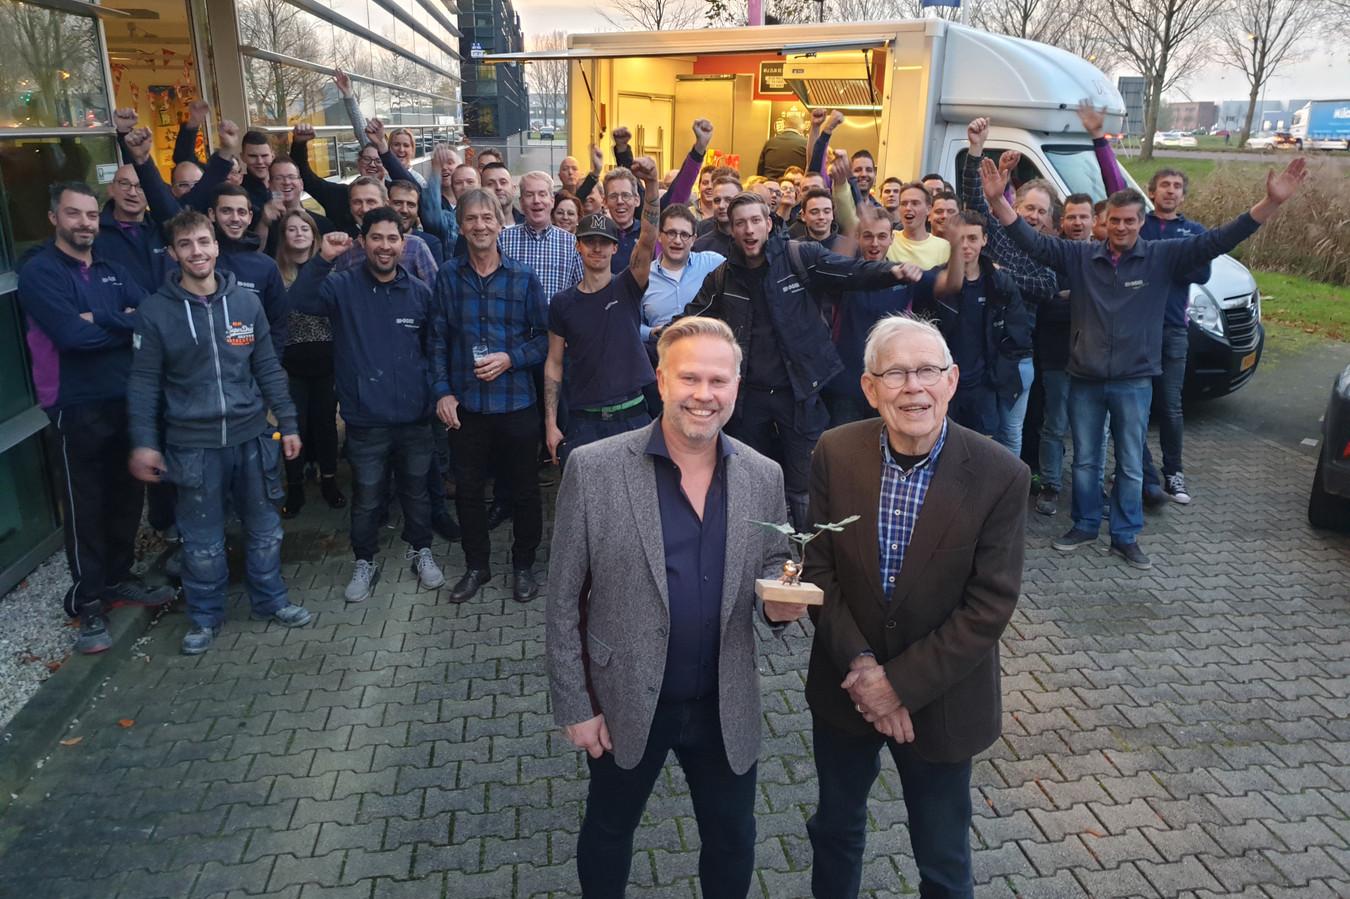 Het Wijchense installatiebedrijf DKC werd woensdagavond uitgeroepen tot Gelders familiebedrijf van het jaar. Dat werd een dag later goed gevierd met alle medewerkers op bedrijventerrein Bijsterhuizen.